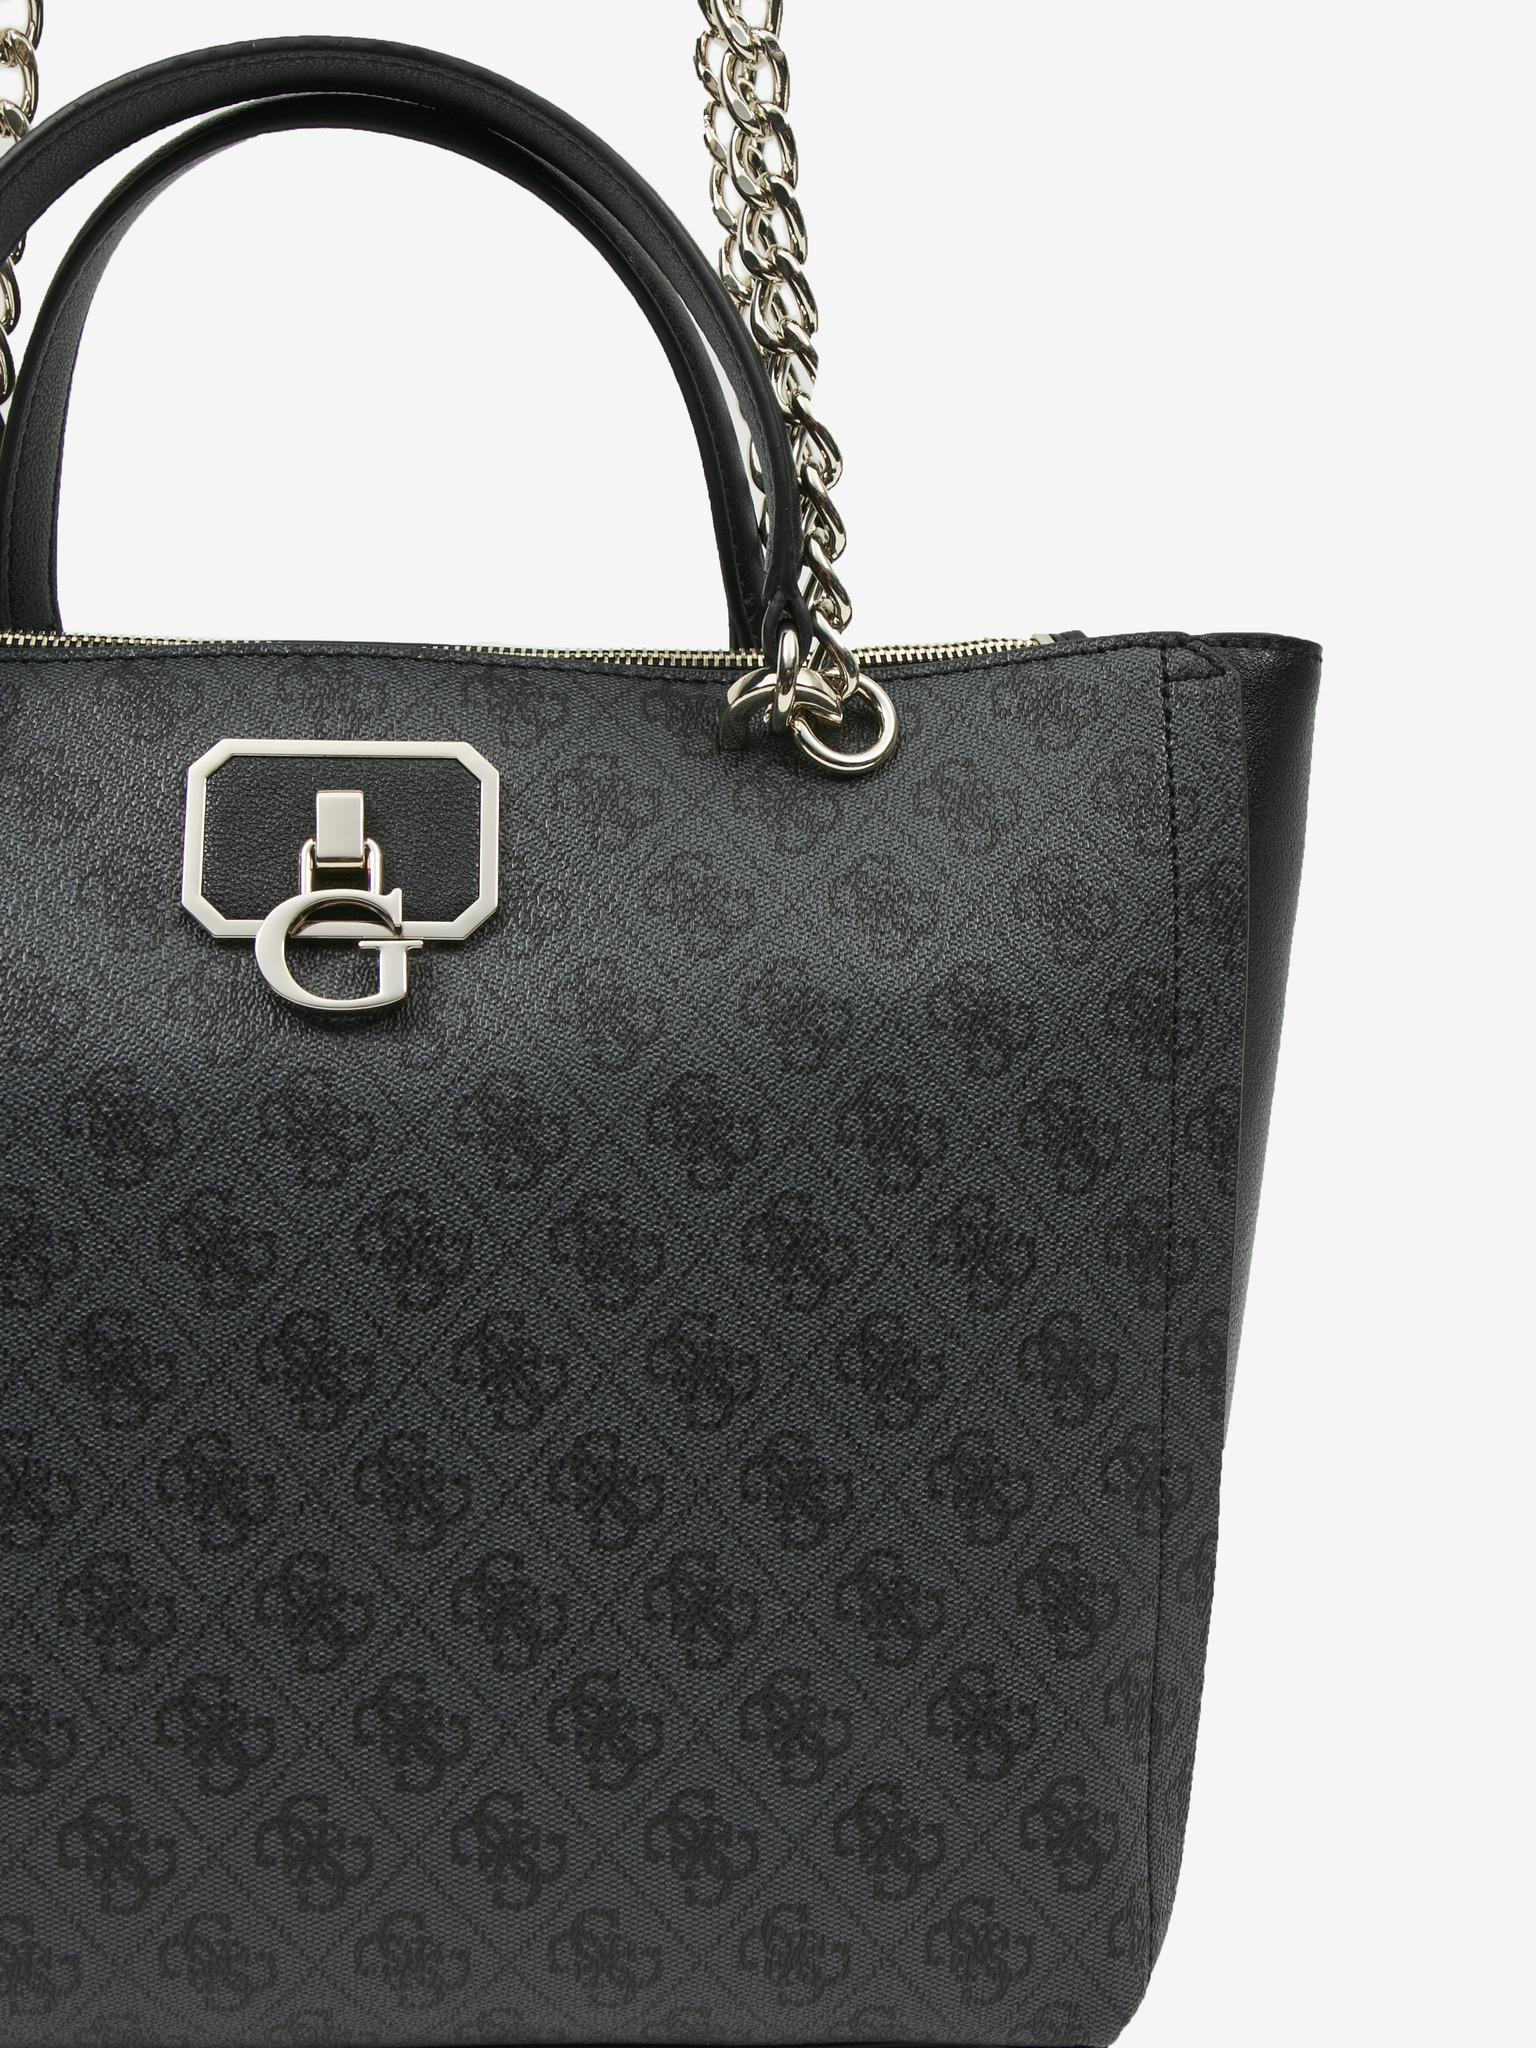 Guess black handbag Alisa Society